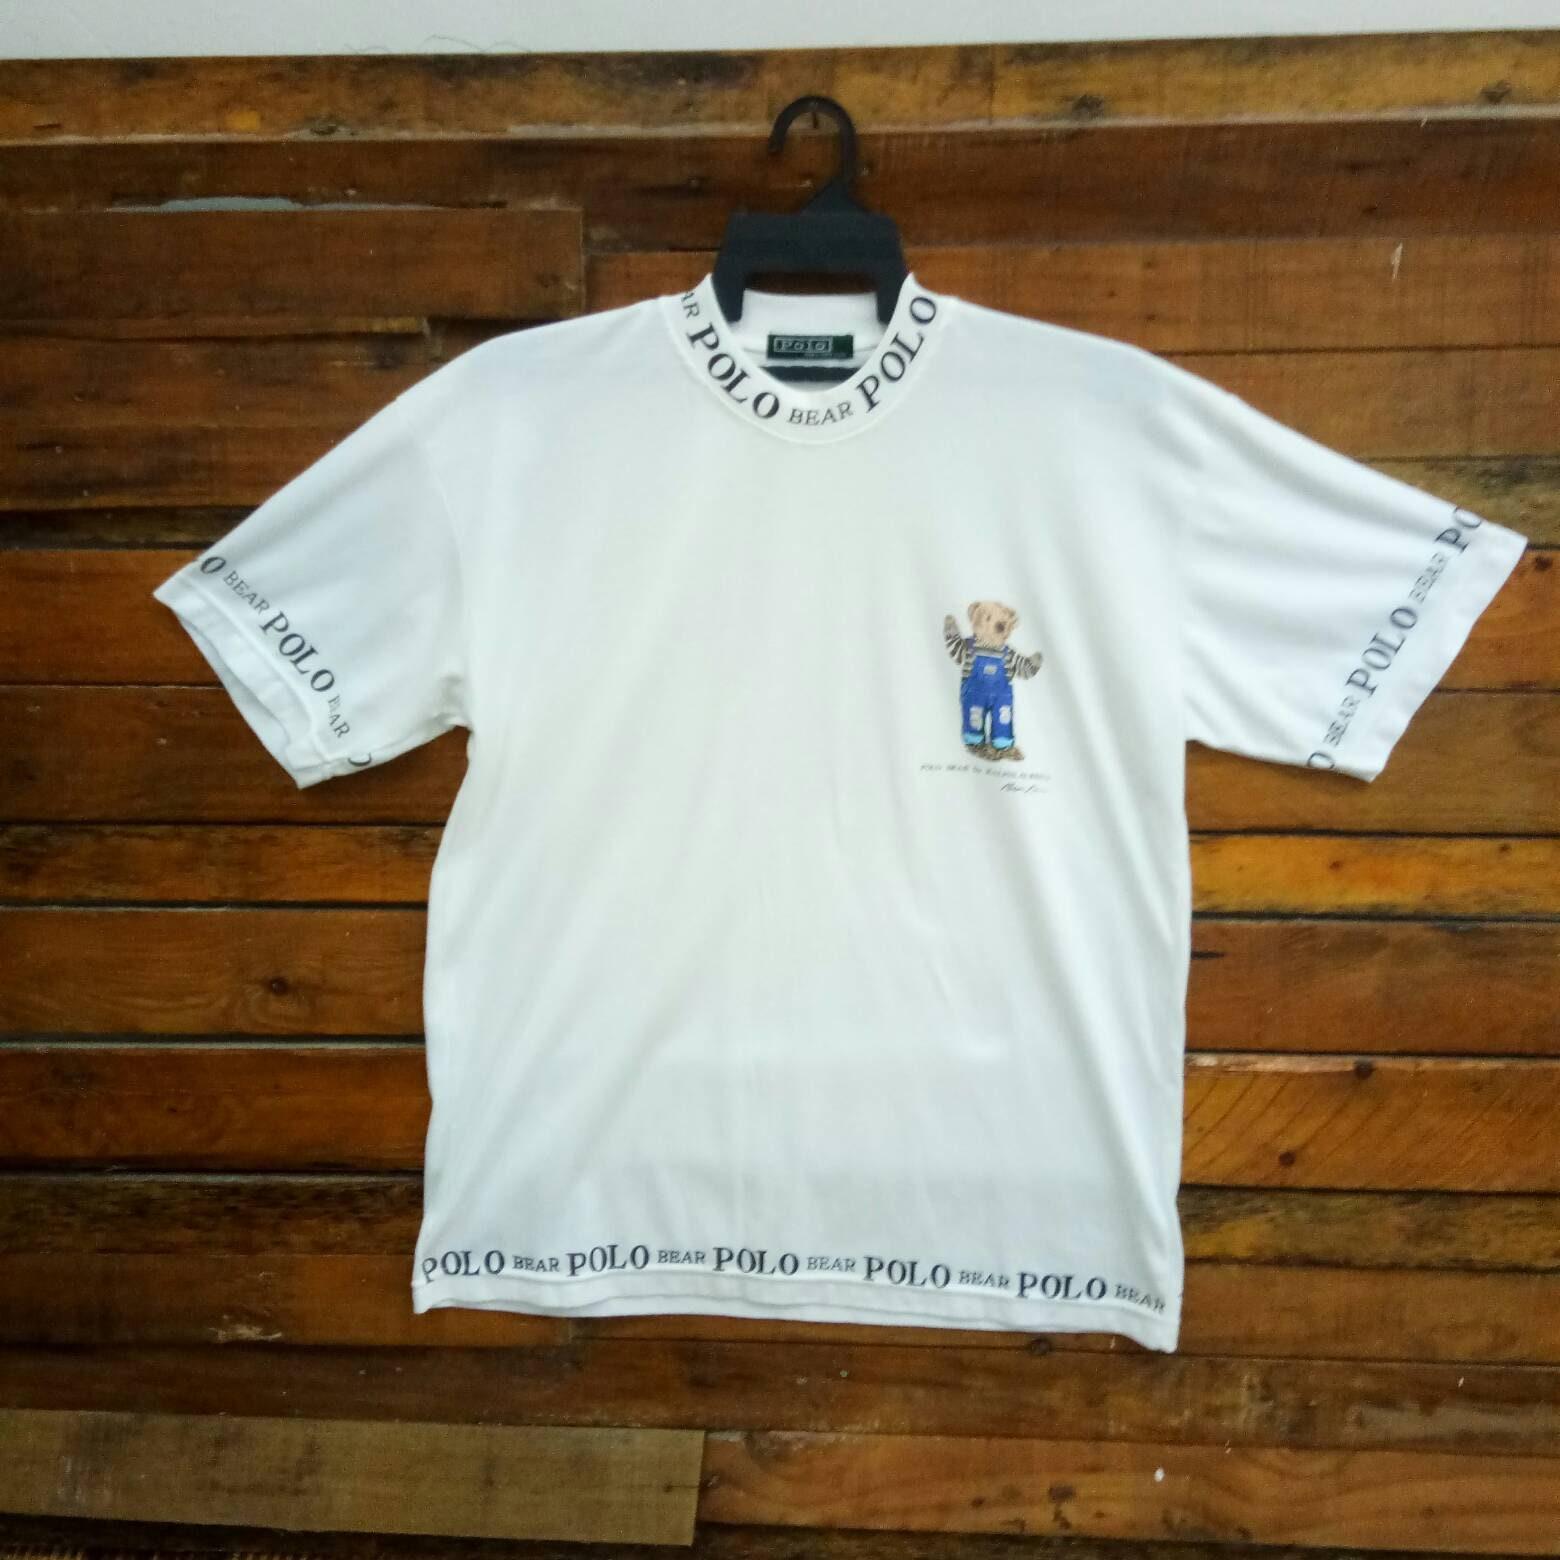 f3927160 Ralph Lauren Polo Bear Tee Shirt   Top Mode Depot